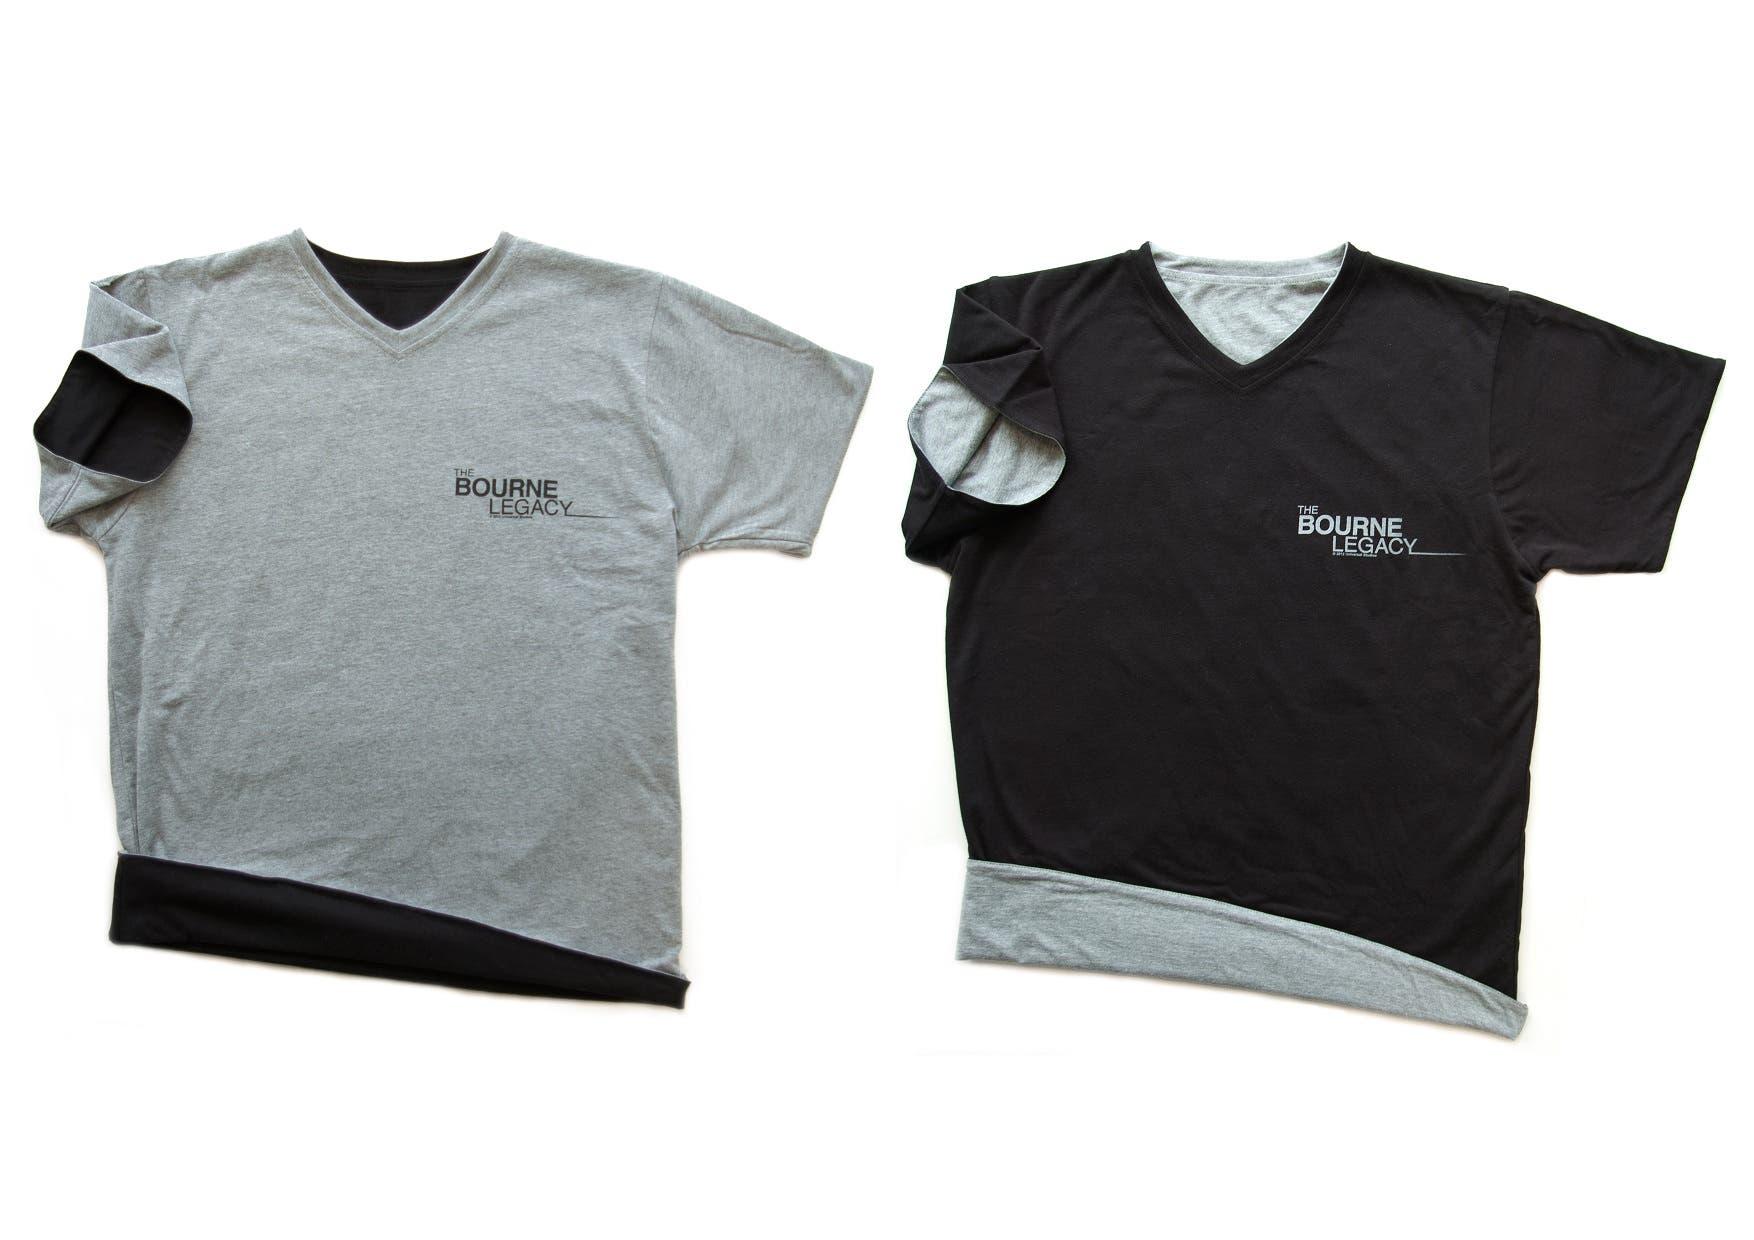 Camiseta de El Legado de Bourne